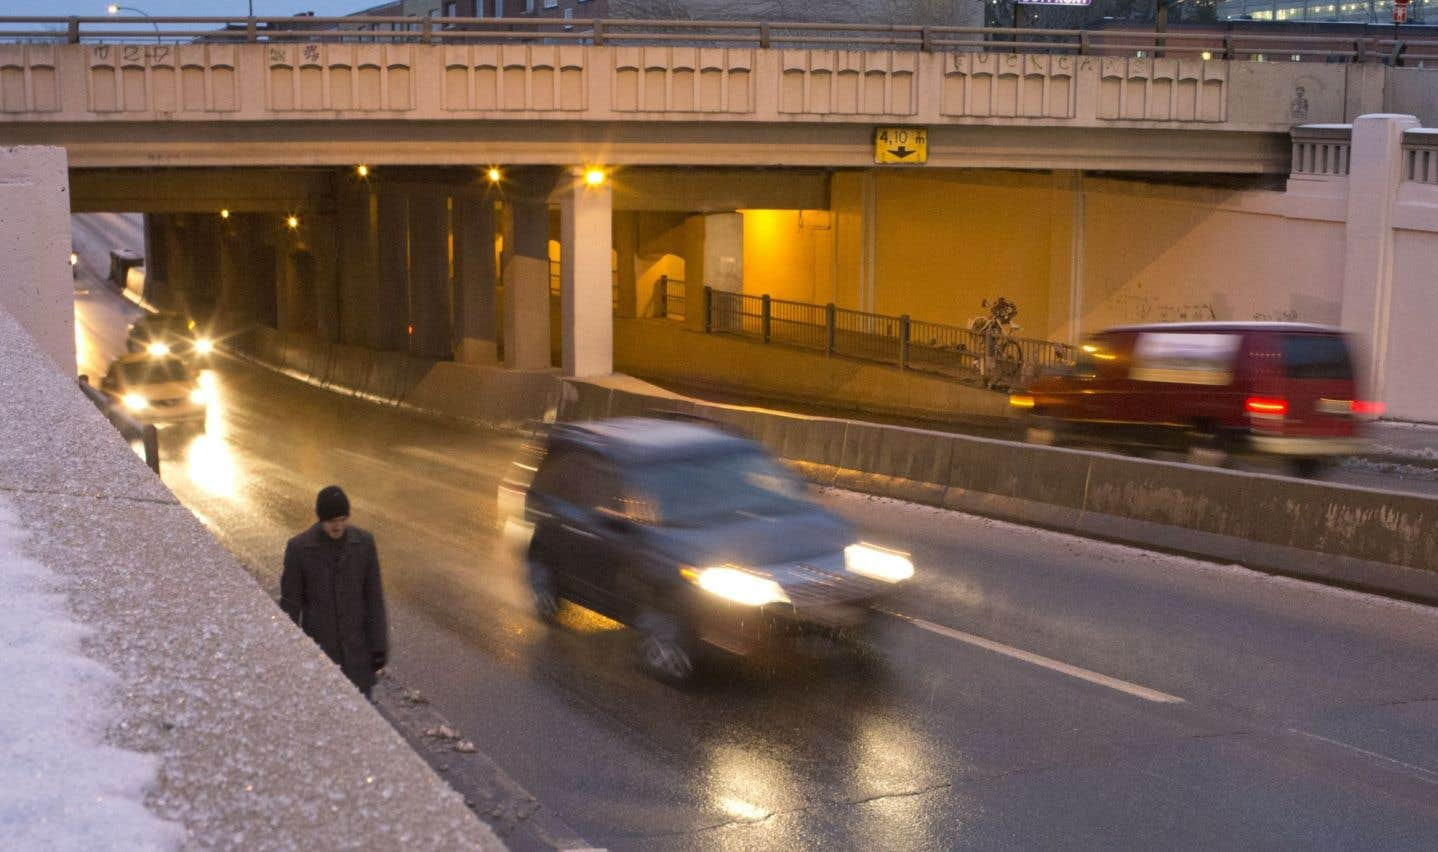 Piétons: les rails jugés plus sécuritaires que les viaducs